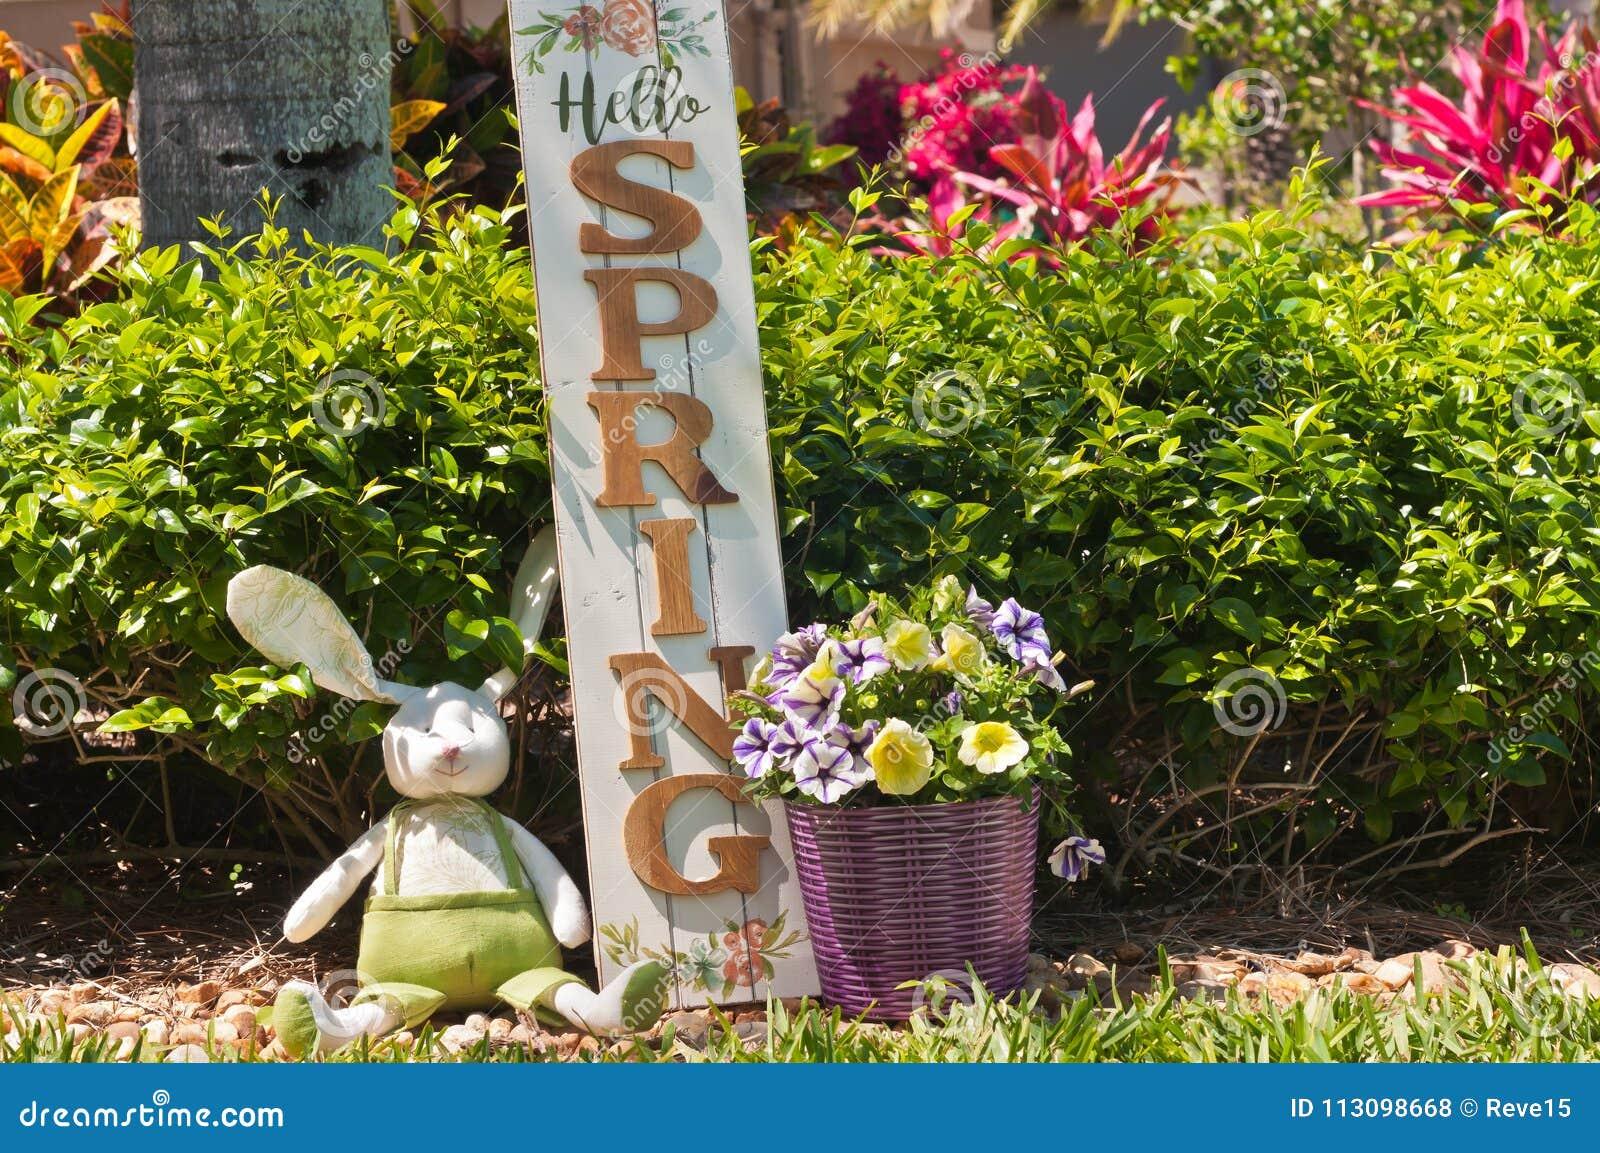 Σπιτικό, λαγουδάκι Πάσχας και ξύλινο ευπρόσδεκτο σημάδι άνοιξη